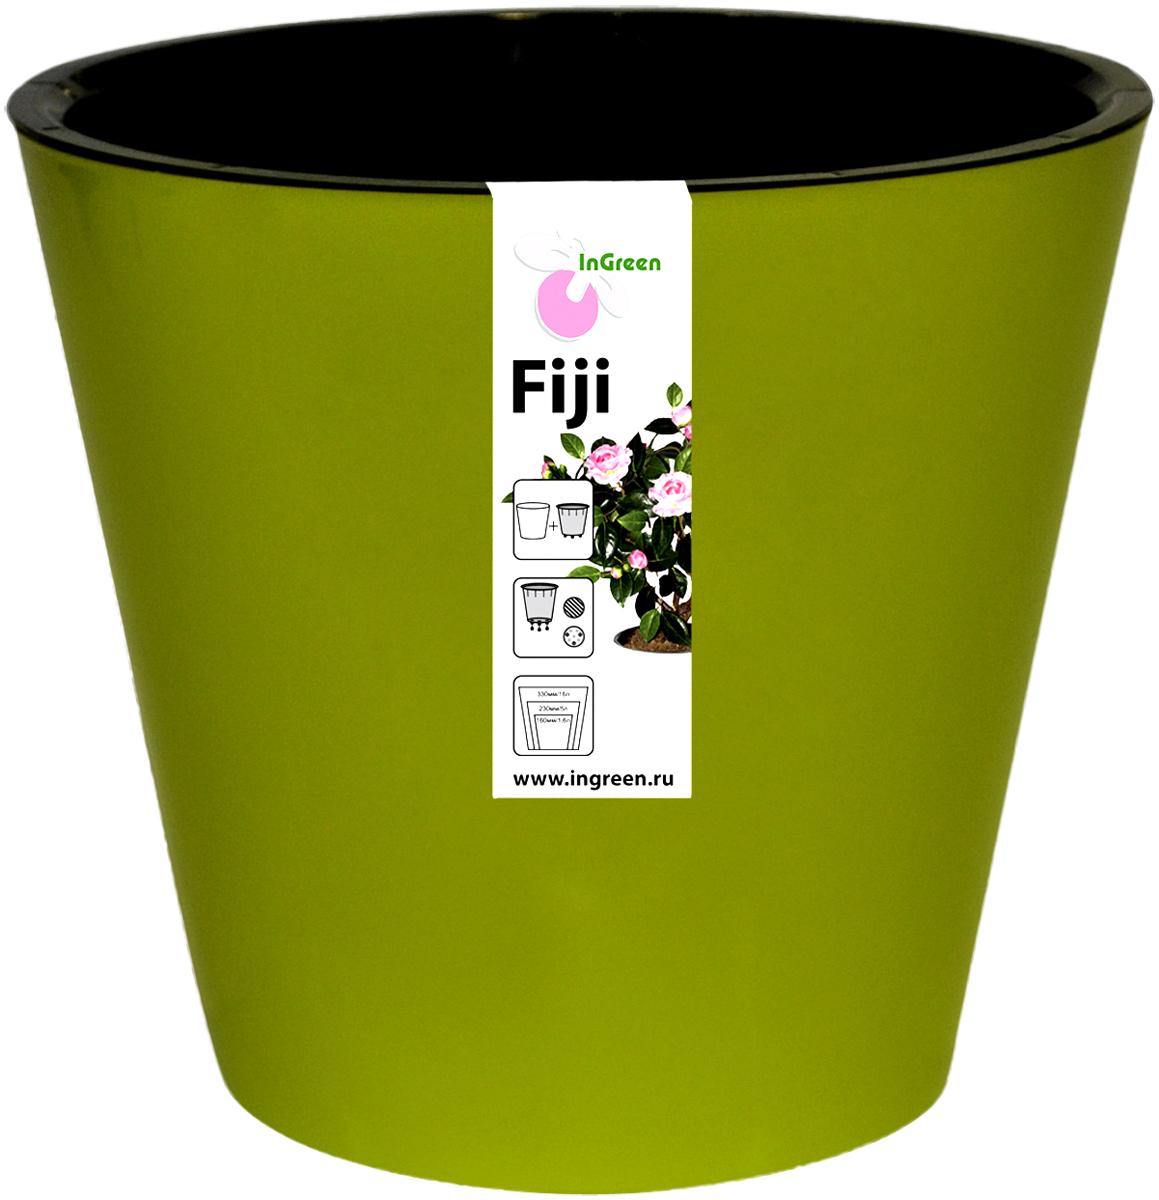 Горшок для цветов InGreen Фиджи, с ситемой автополива, цвет: салатовый, диаметр 16 смZ-0307Горшок InGreen Фиджи, выполненный из высококачественного пластика, предназначен для выращивания комнатных цветов, растений и трав. Специальная конструкция обеспечивает вентиляцию в корневой системе растения, а дренажные отверстия позволяют выходить лишней влаге из почвы. Изделие состоит из цветного кашпо и внутреннего горшка. Растение высаживается во внутренний горшок и вставляется в кашпо. Инновационная система автополива обладает рядом преимуществ: экономит время при уходе за растением, вода не протекает при поливе и нет необходимости в подставке, корни не застаиваются в воде.Такой горшок порадует вас современным дизайном и функциональностью, а также оригинально украсит интерьер любого помещения. Объем: 1,6 л. Диаметр (по верхнему краю): 16 см.Высота: 14,5 см.